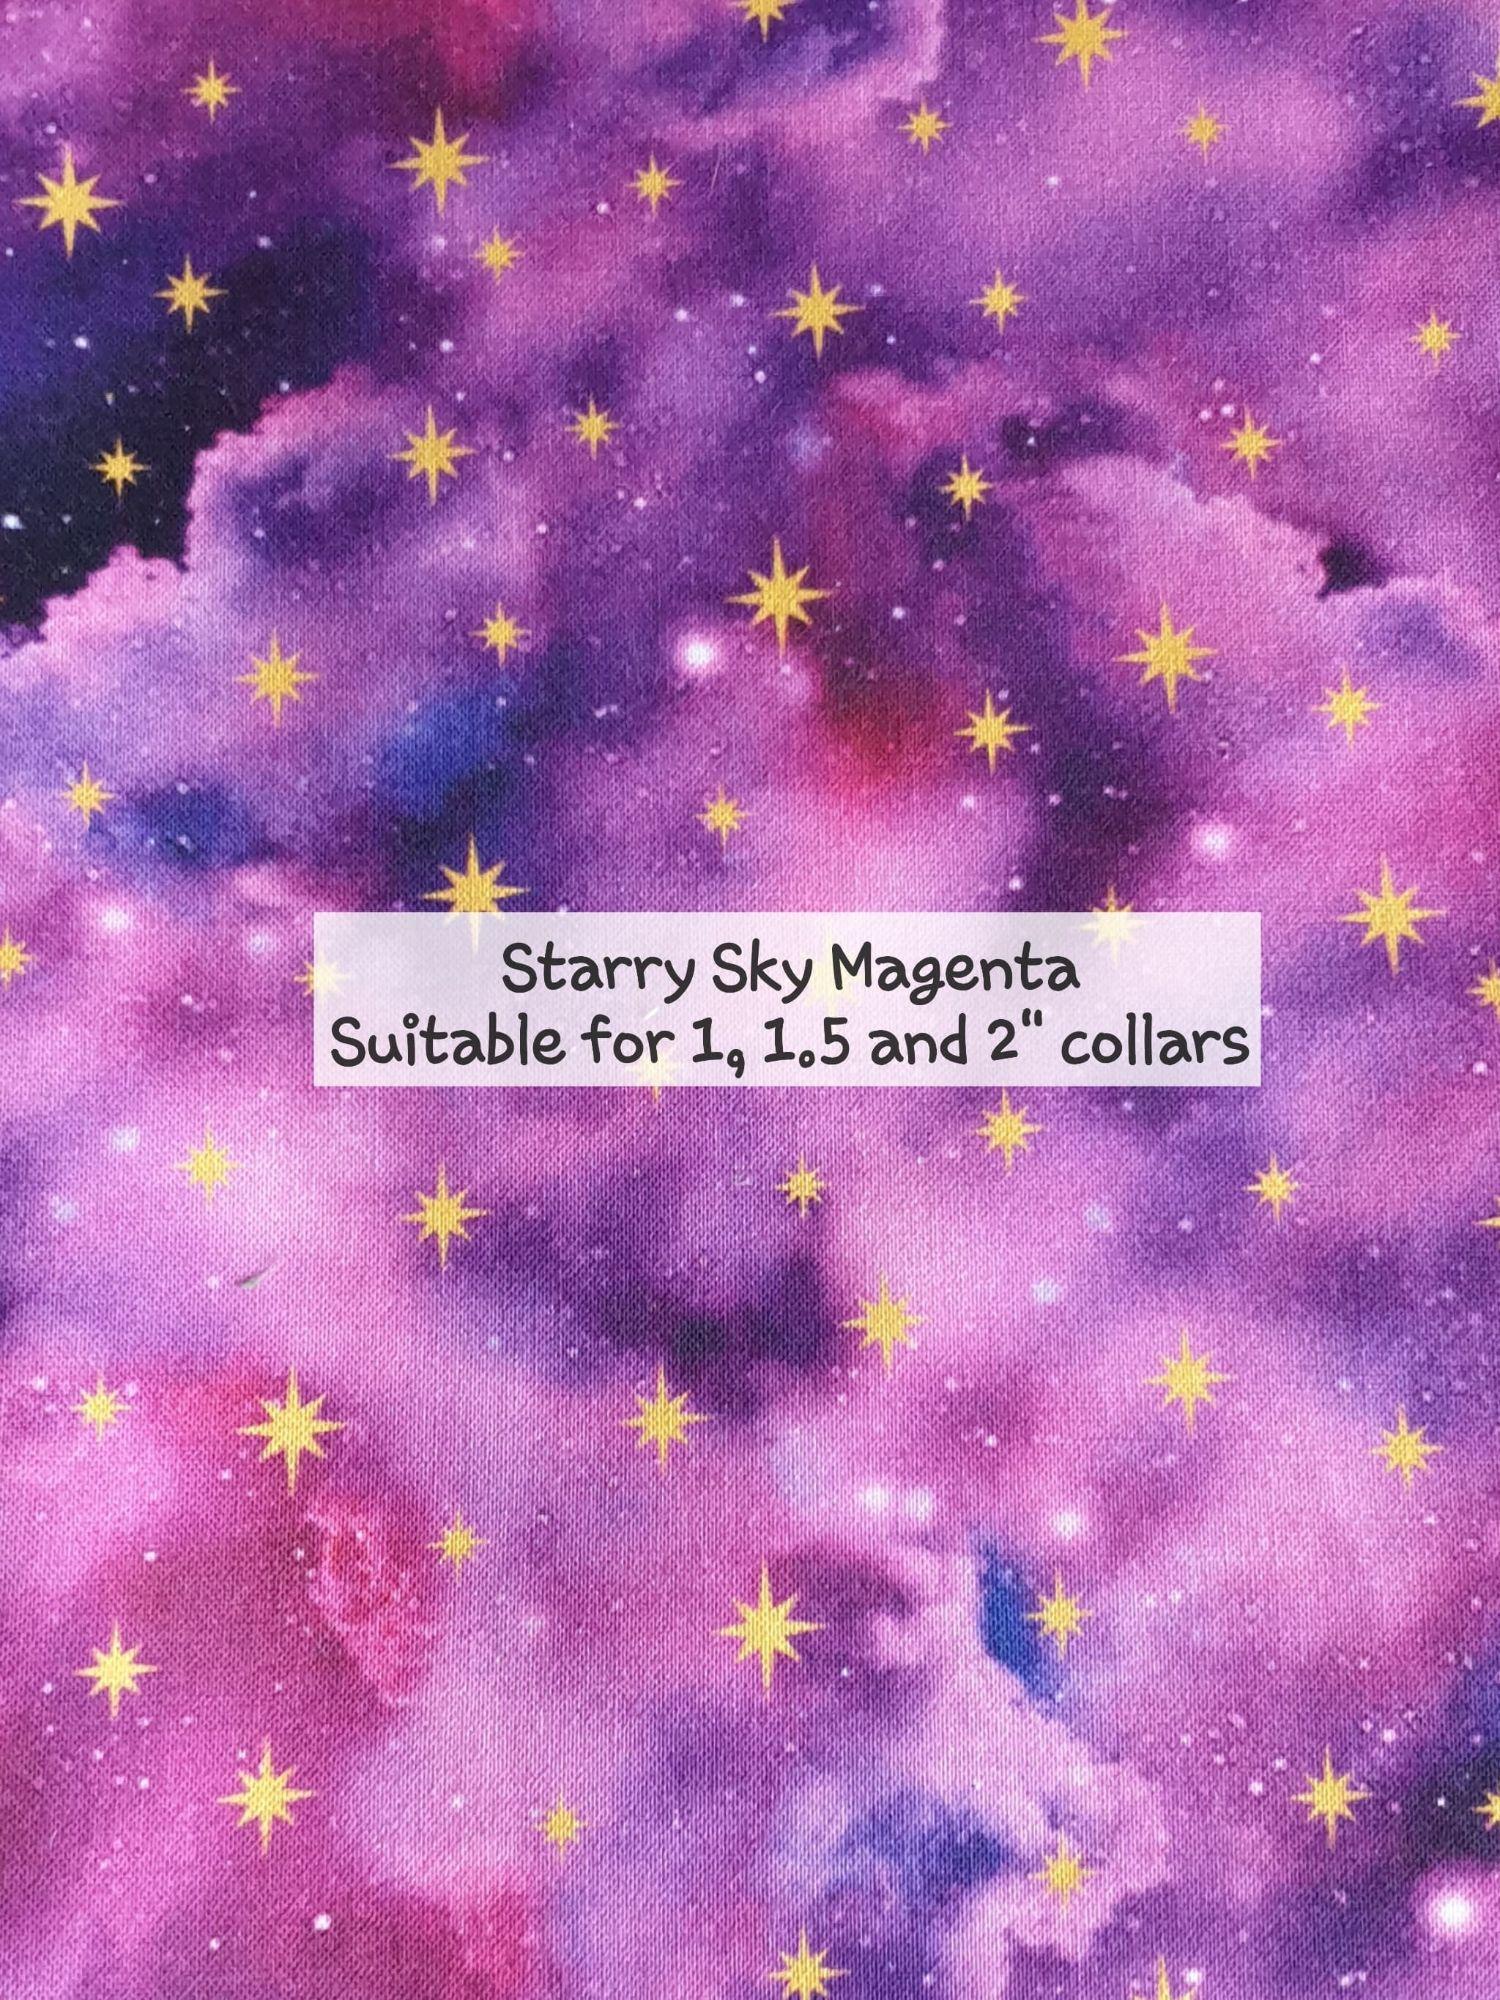 Starry Sky Magenta